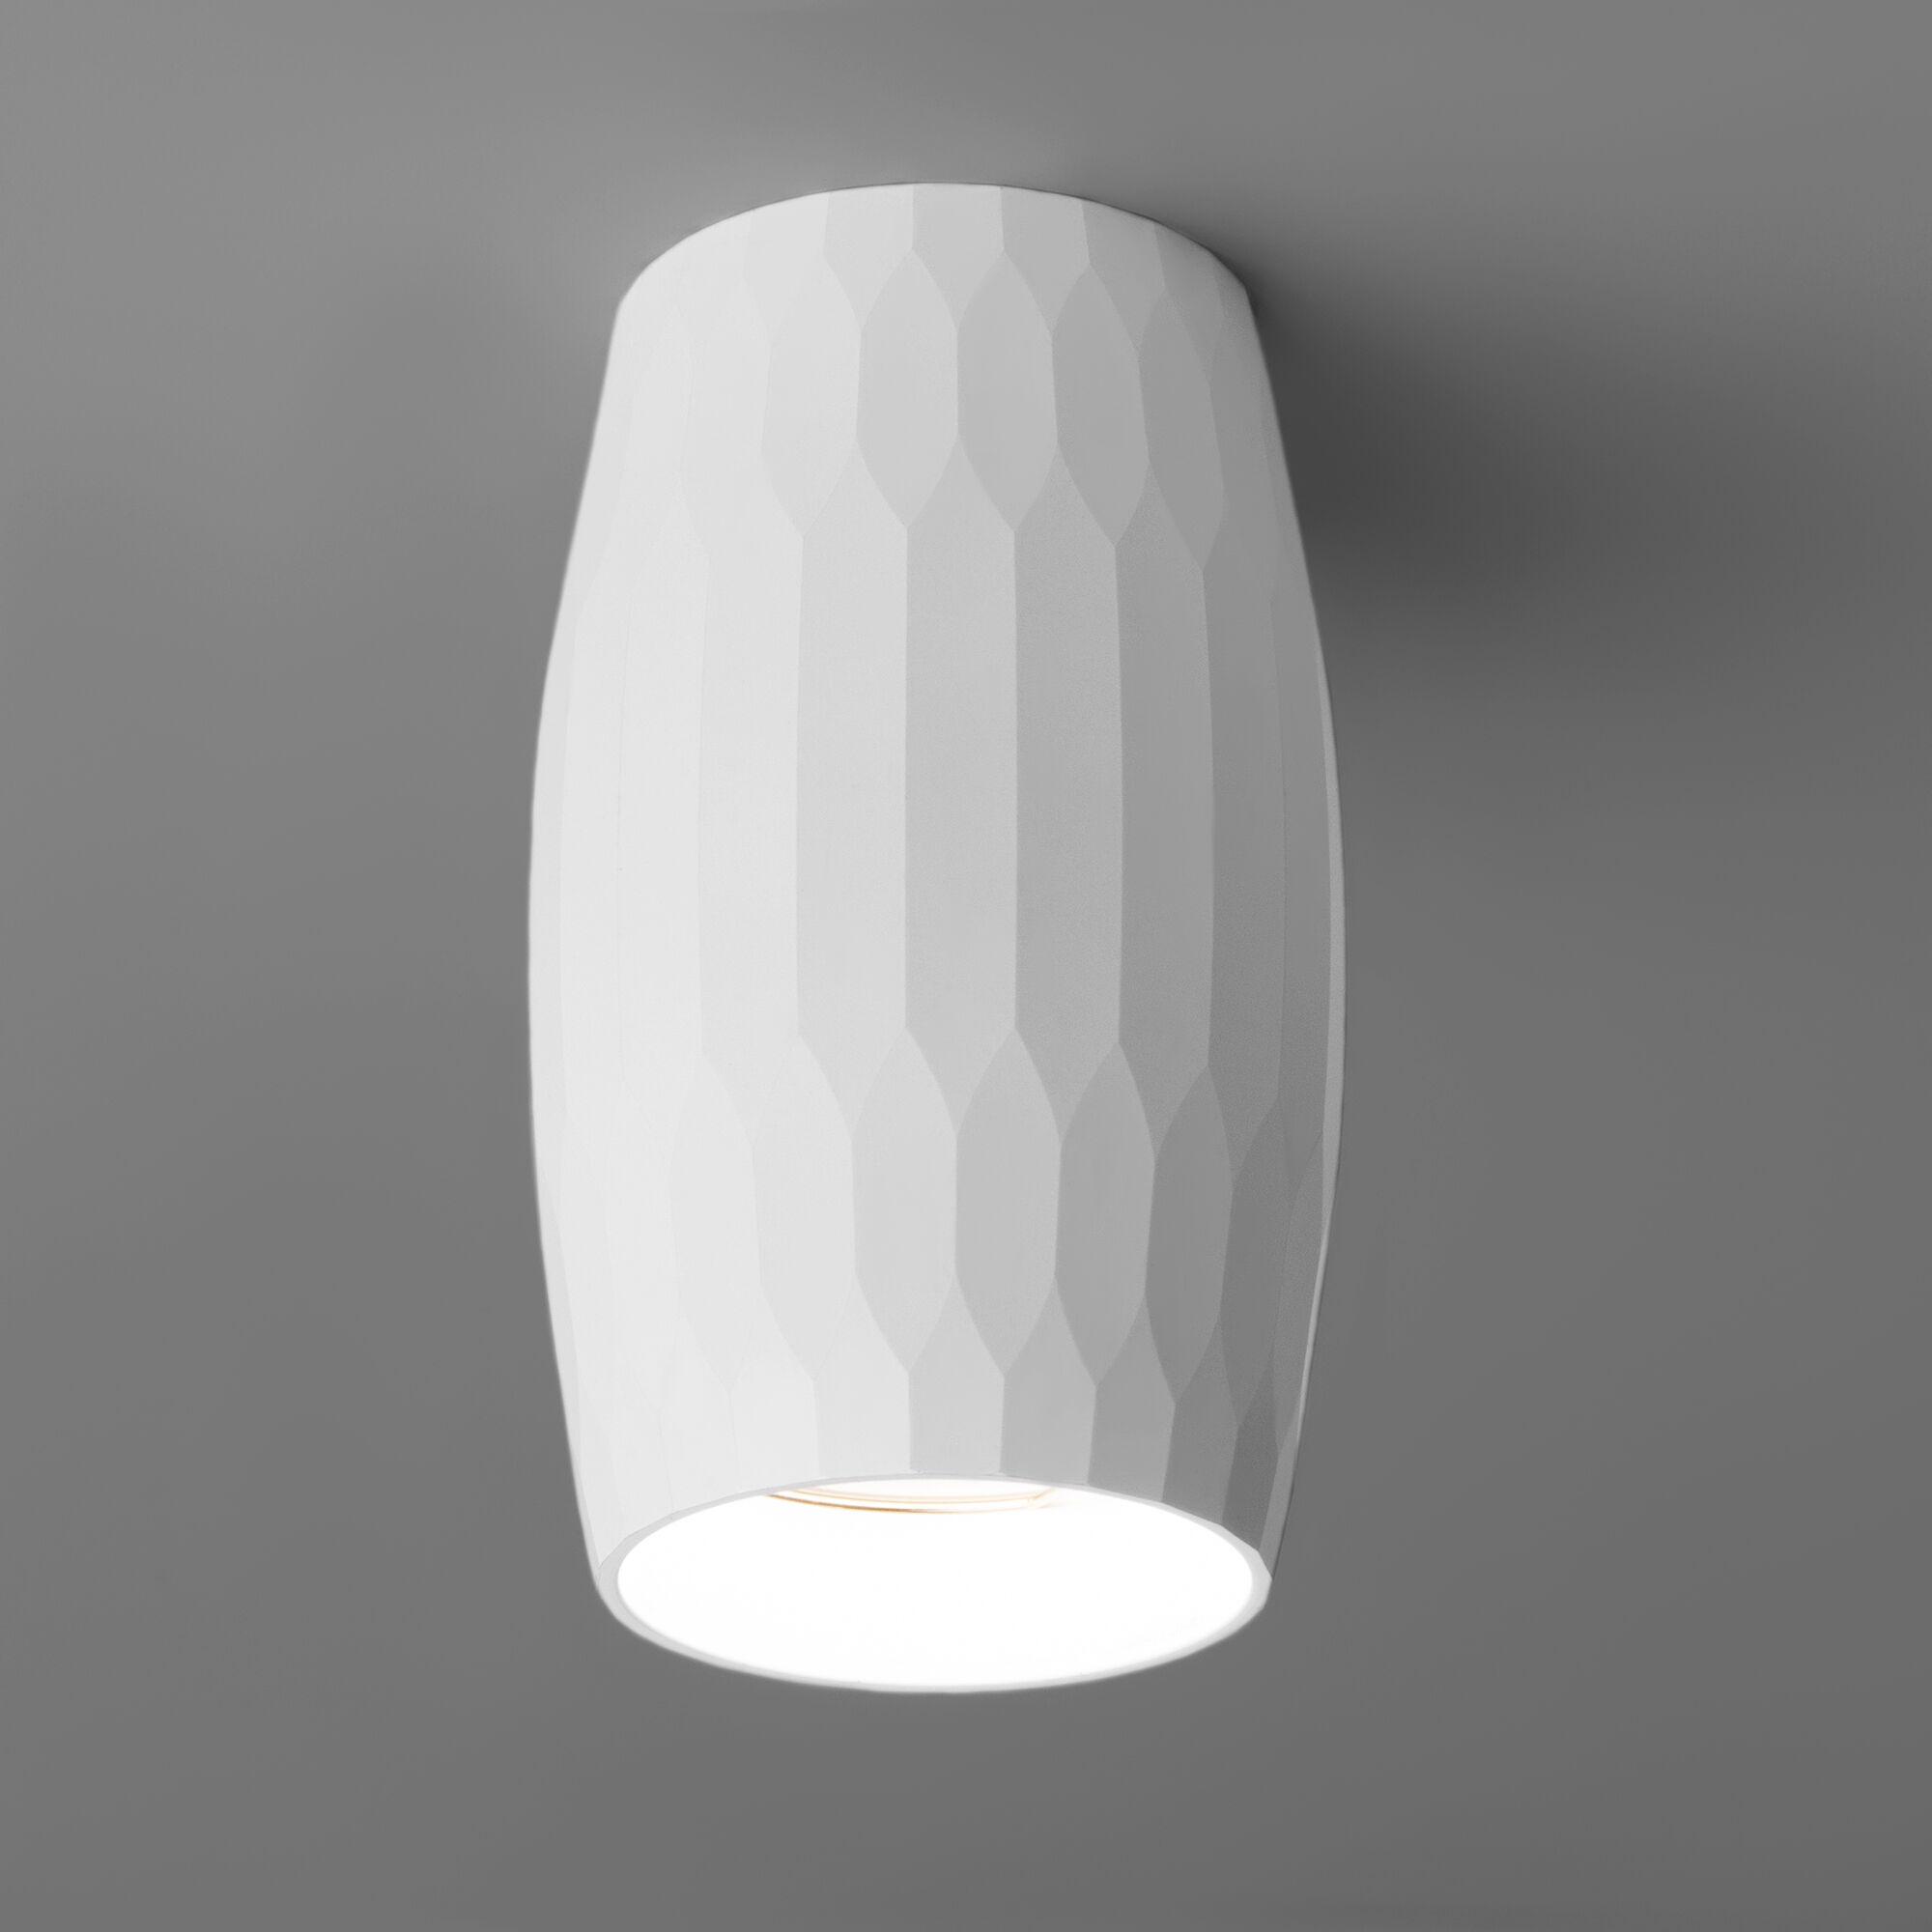 Накладной акцентный светильник DLN104 GU10